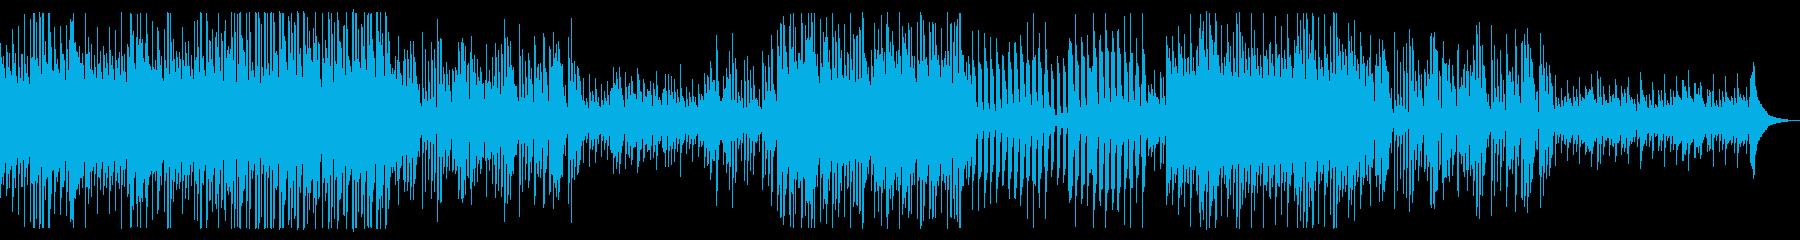 ミントアイスの涼しさをイメージした夏の曲の再生済みの波形